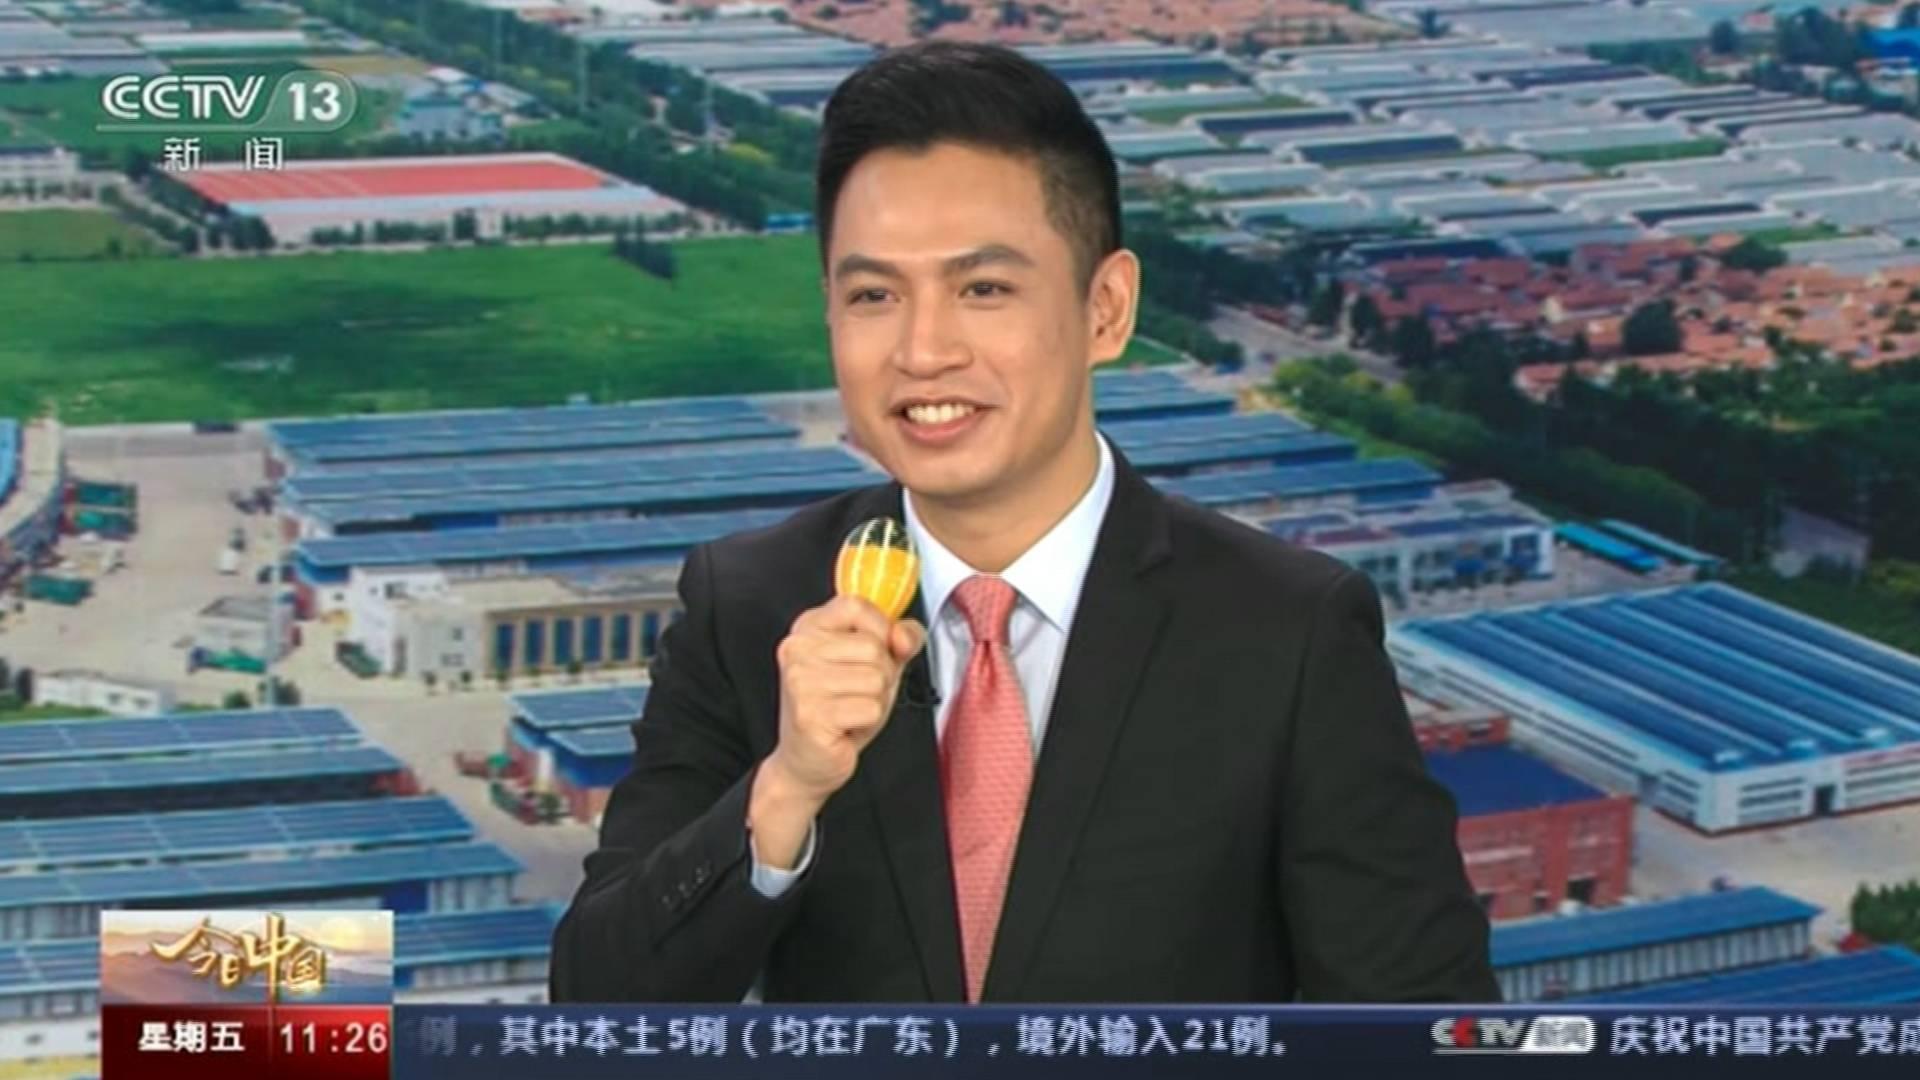 今日中国·山东篇丨话筒南瓜?丑小鸭南瓜?寿光蔬菜在央视直播间里玩出了花儿